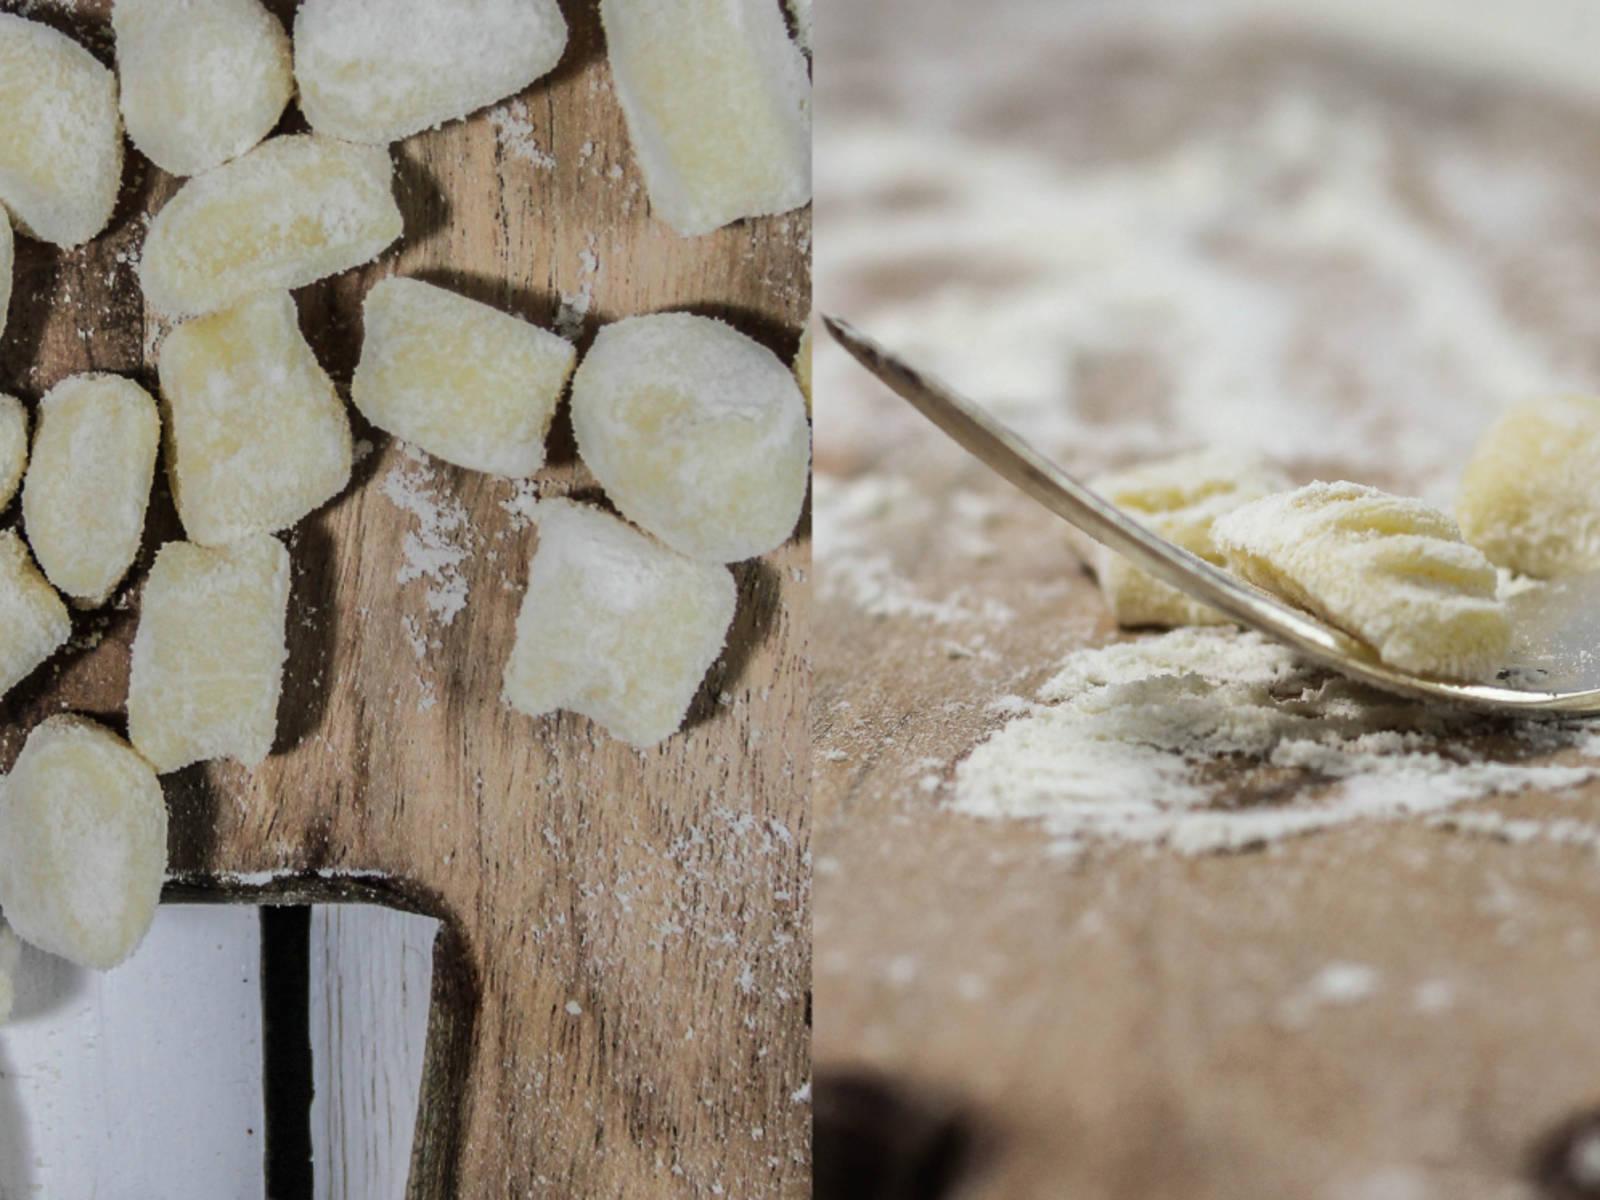 切下一份面团,在撒了面粉的工作台上揉成1厘米厚的长筒状。将其切成宽1厘米的方形。要制作经典形状的团子,可用叉子稍微按压每个方面团。要让酱汁色彩更鲜艳,将藏红花捣碎后与少量温水混合。